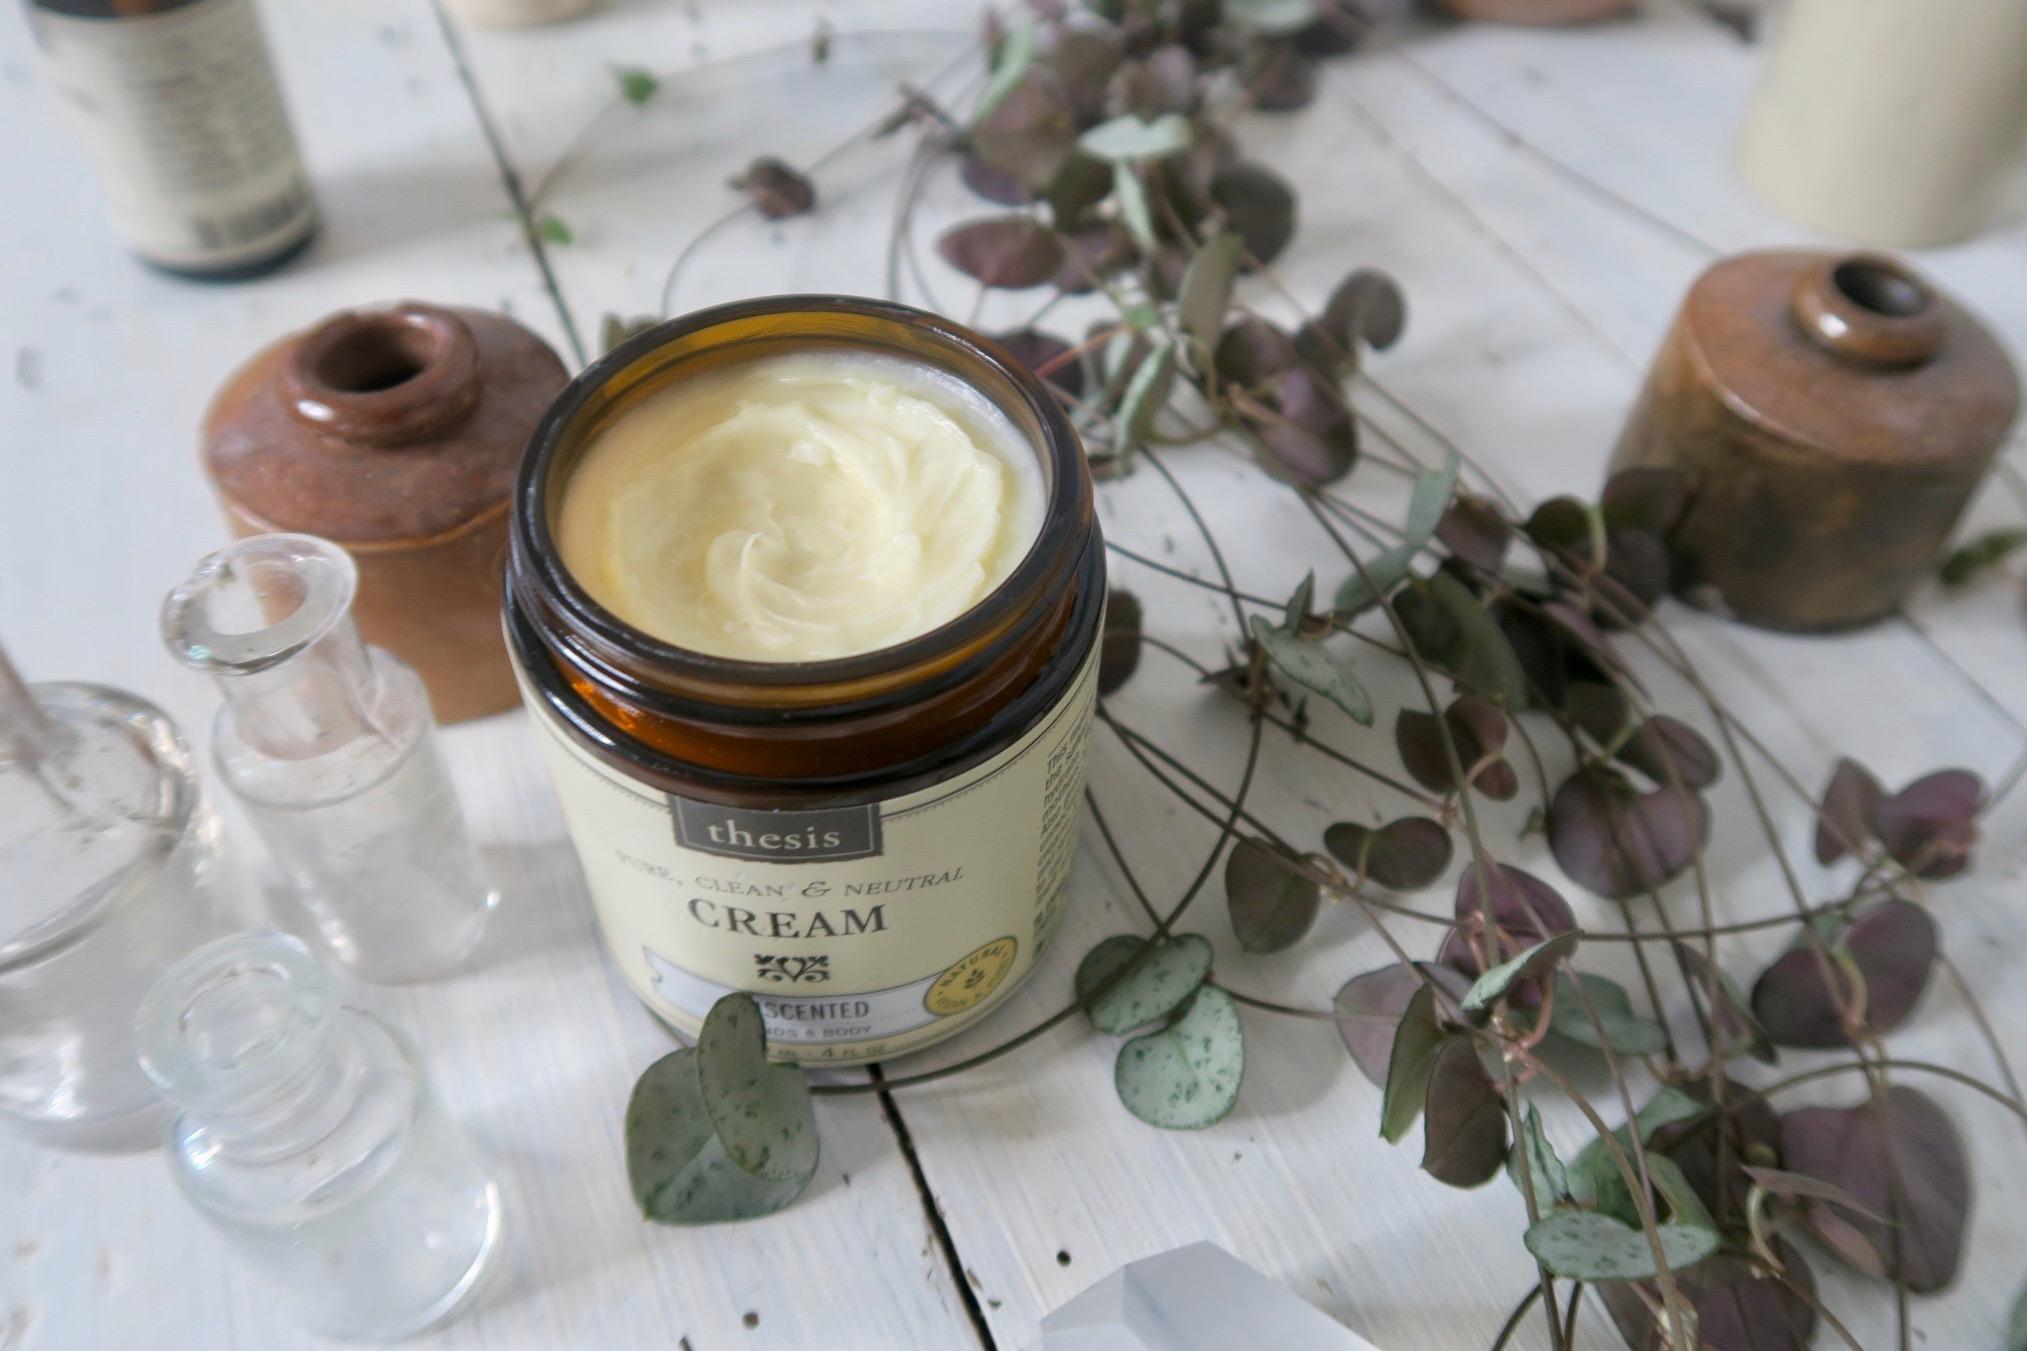 Thesis unscented organic skincare vegan cream.jpg